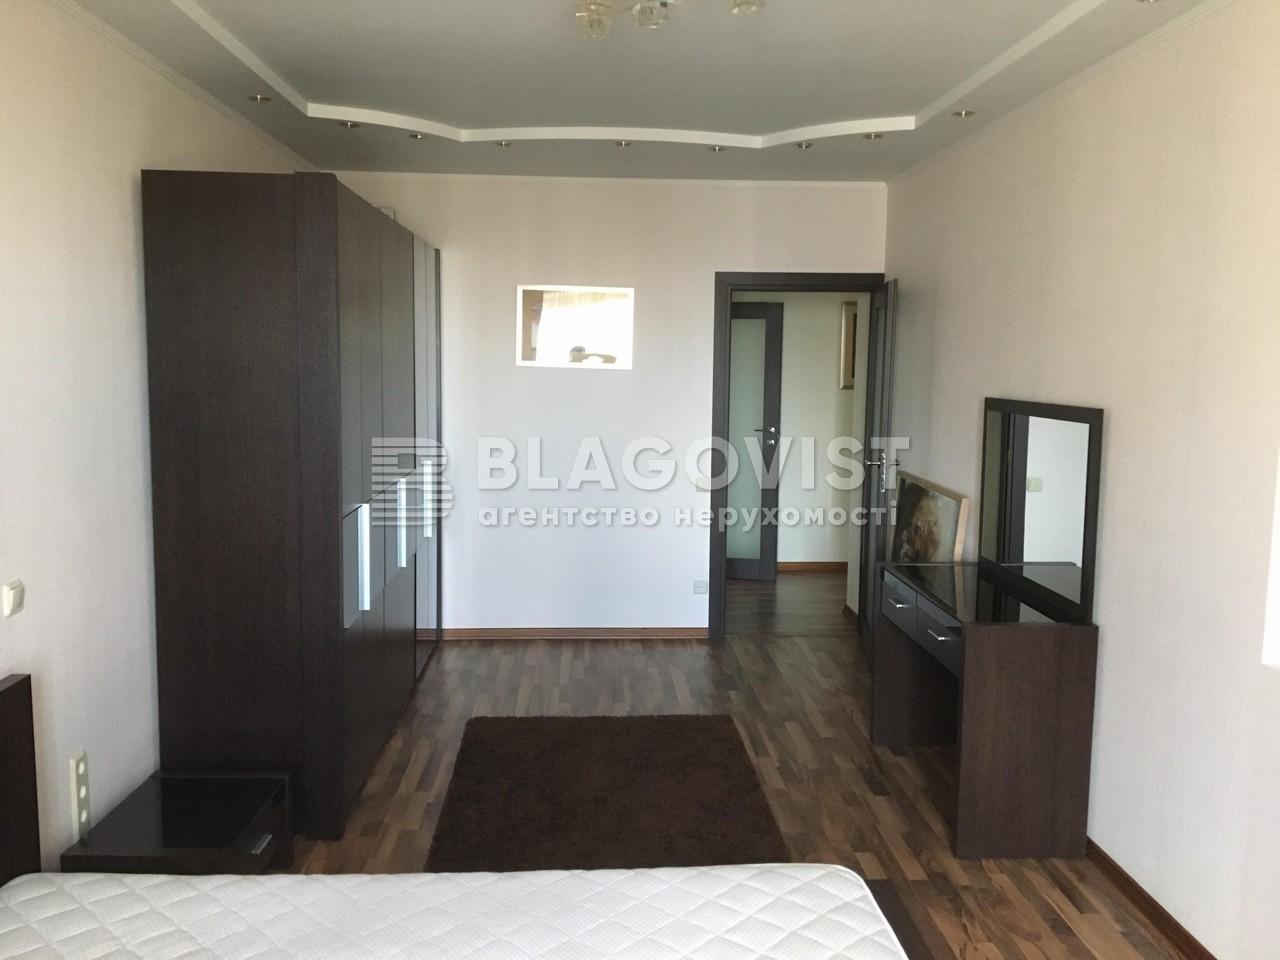 Квартира I-9105, Миропільська, 39, Київ - Фото 6